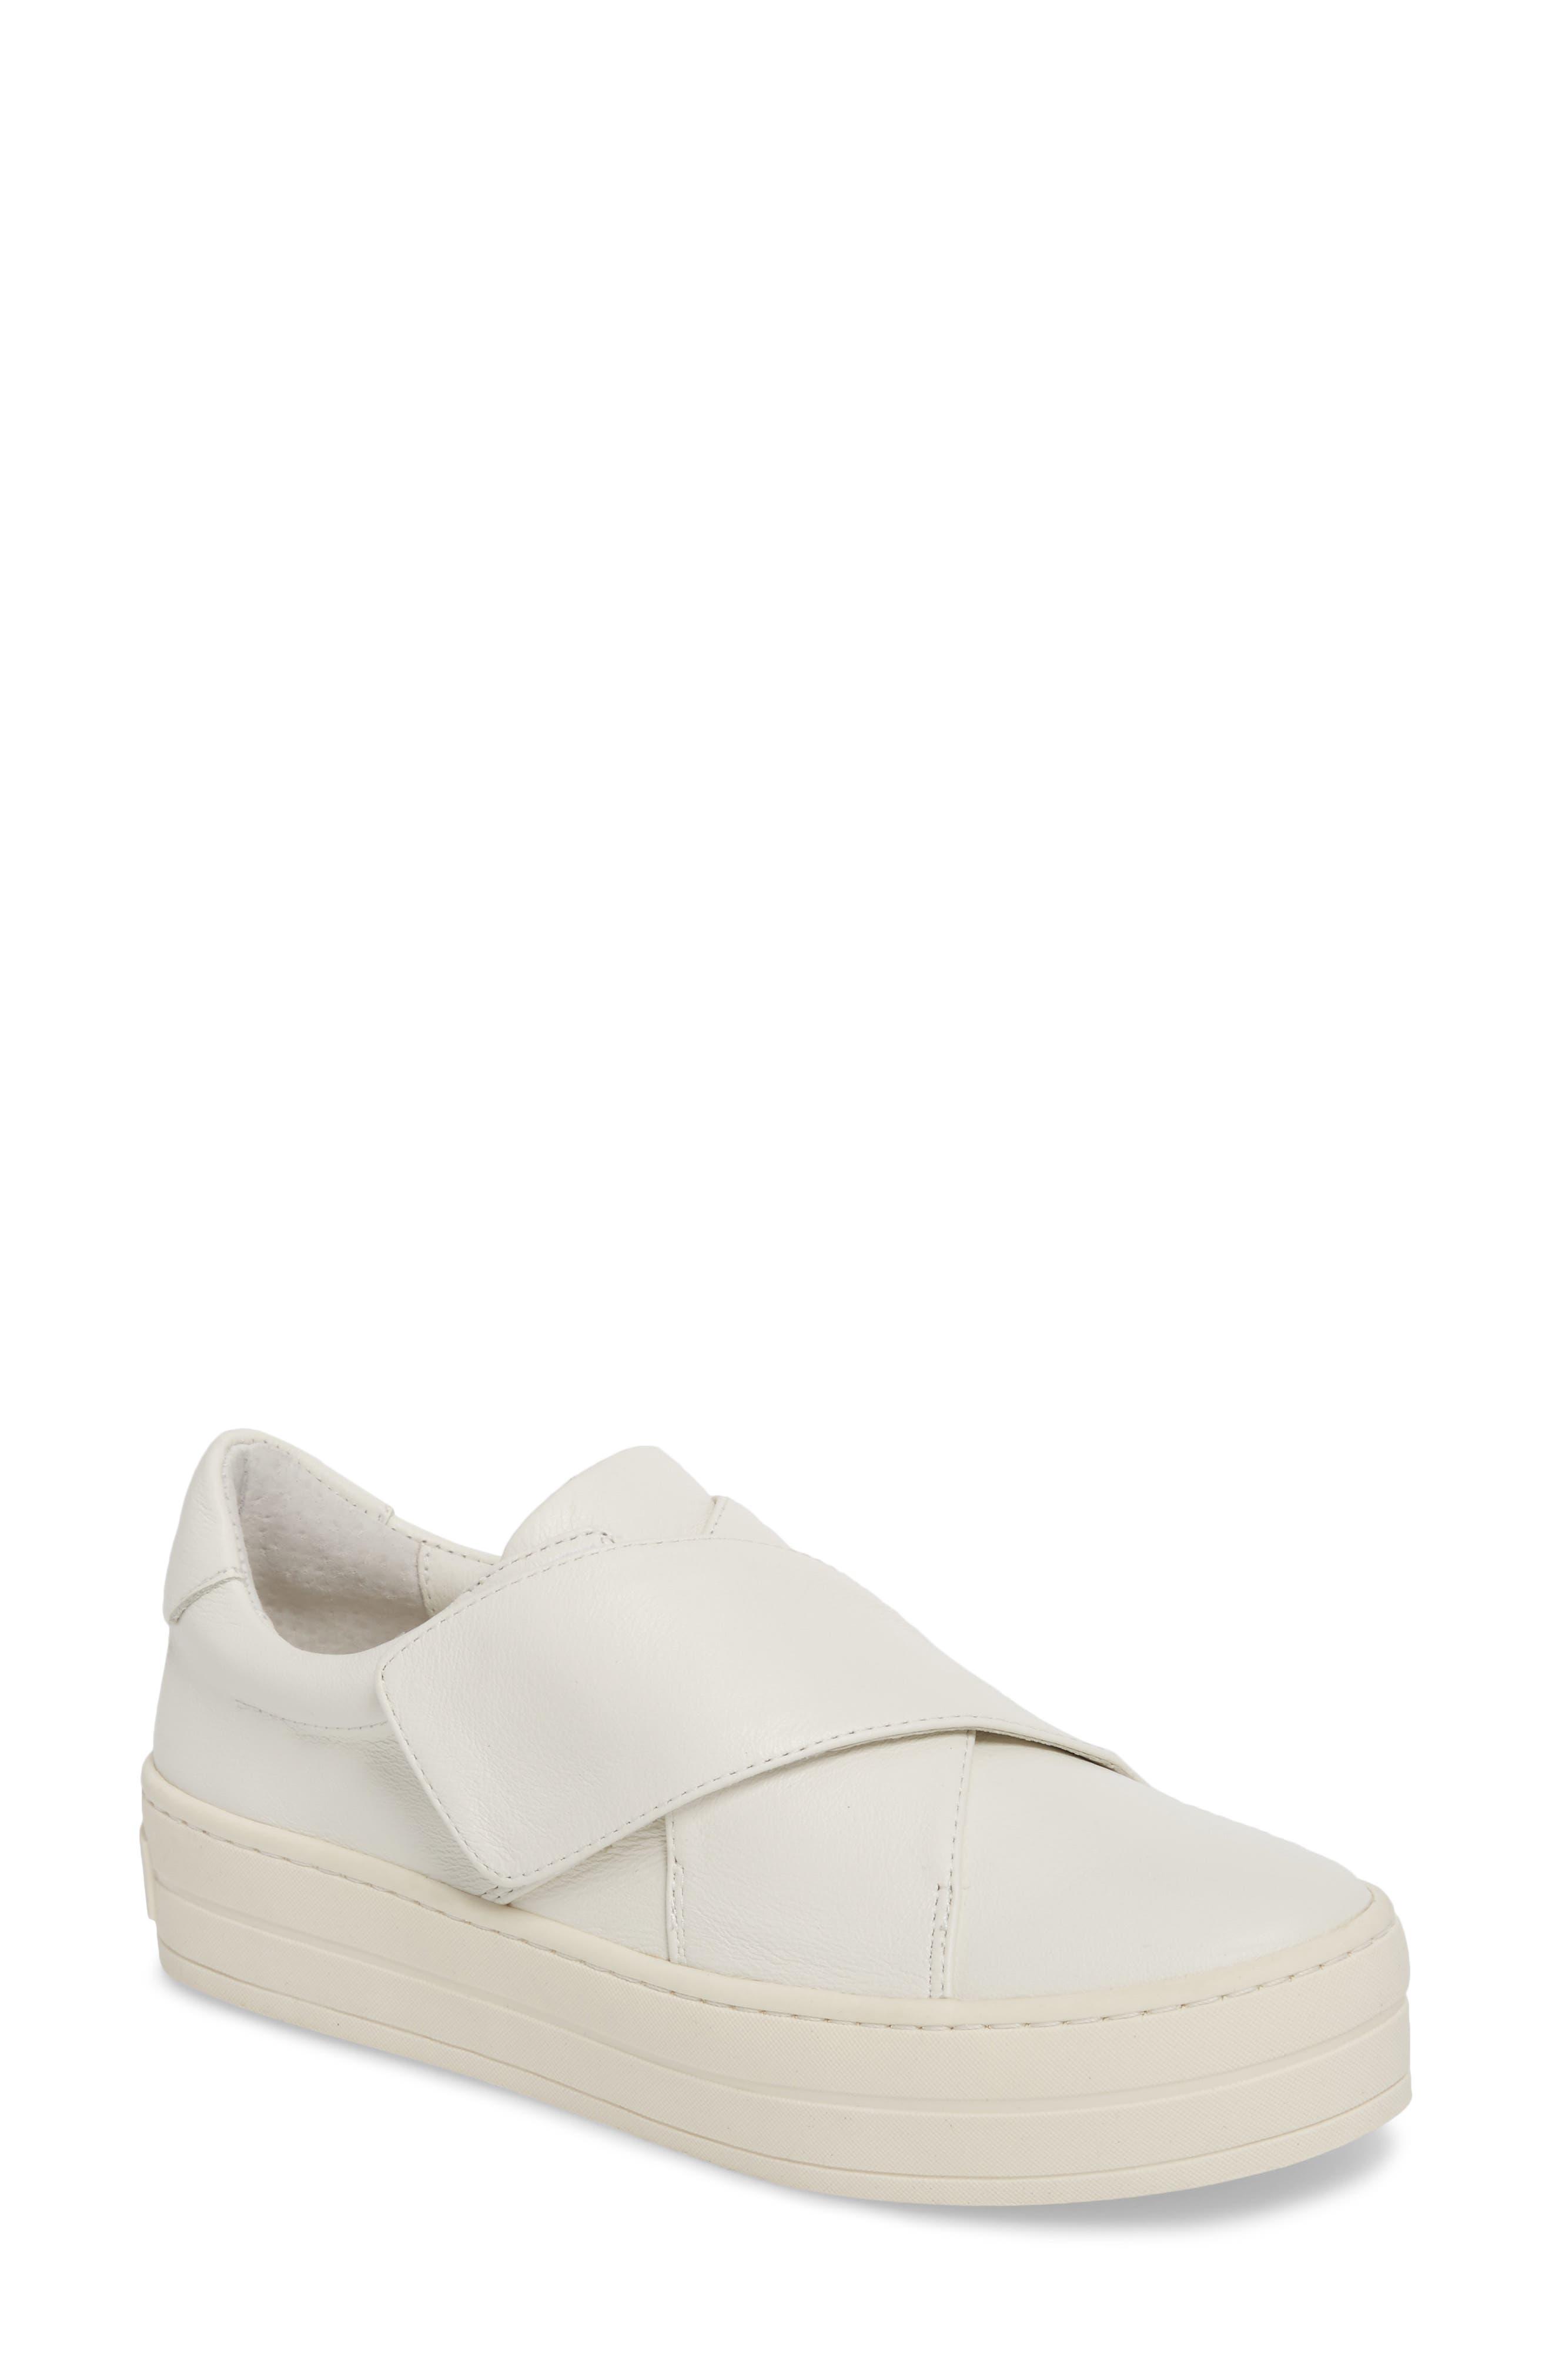 Jslides Harper Sneaker, White